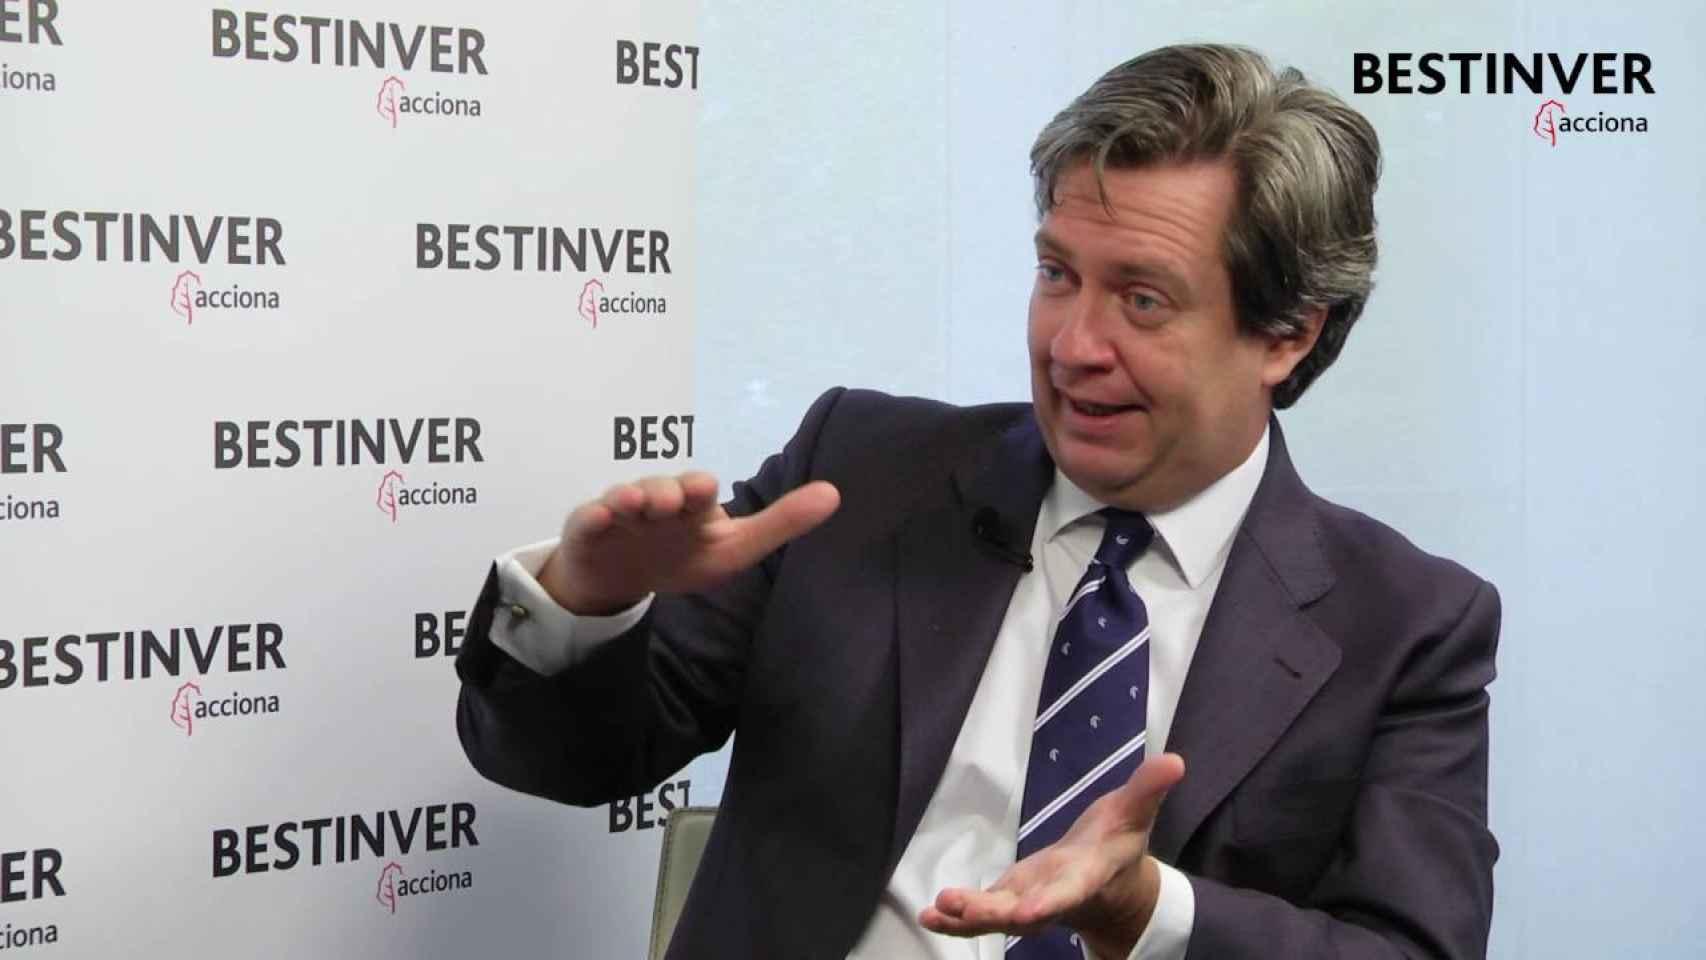 Beltrán de la Lastra, director de inversiones de Bestinver.